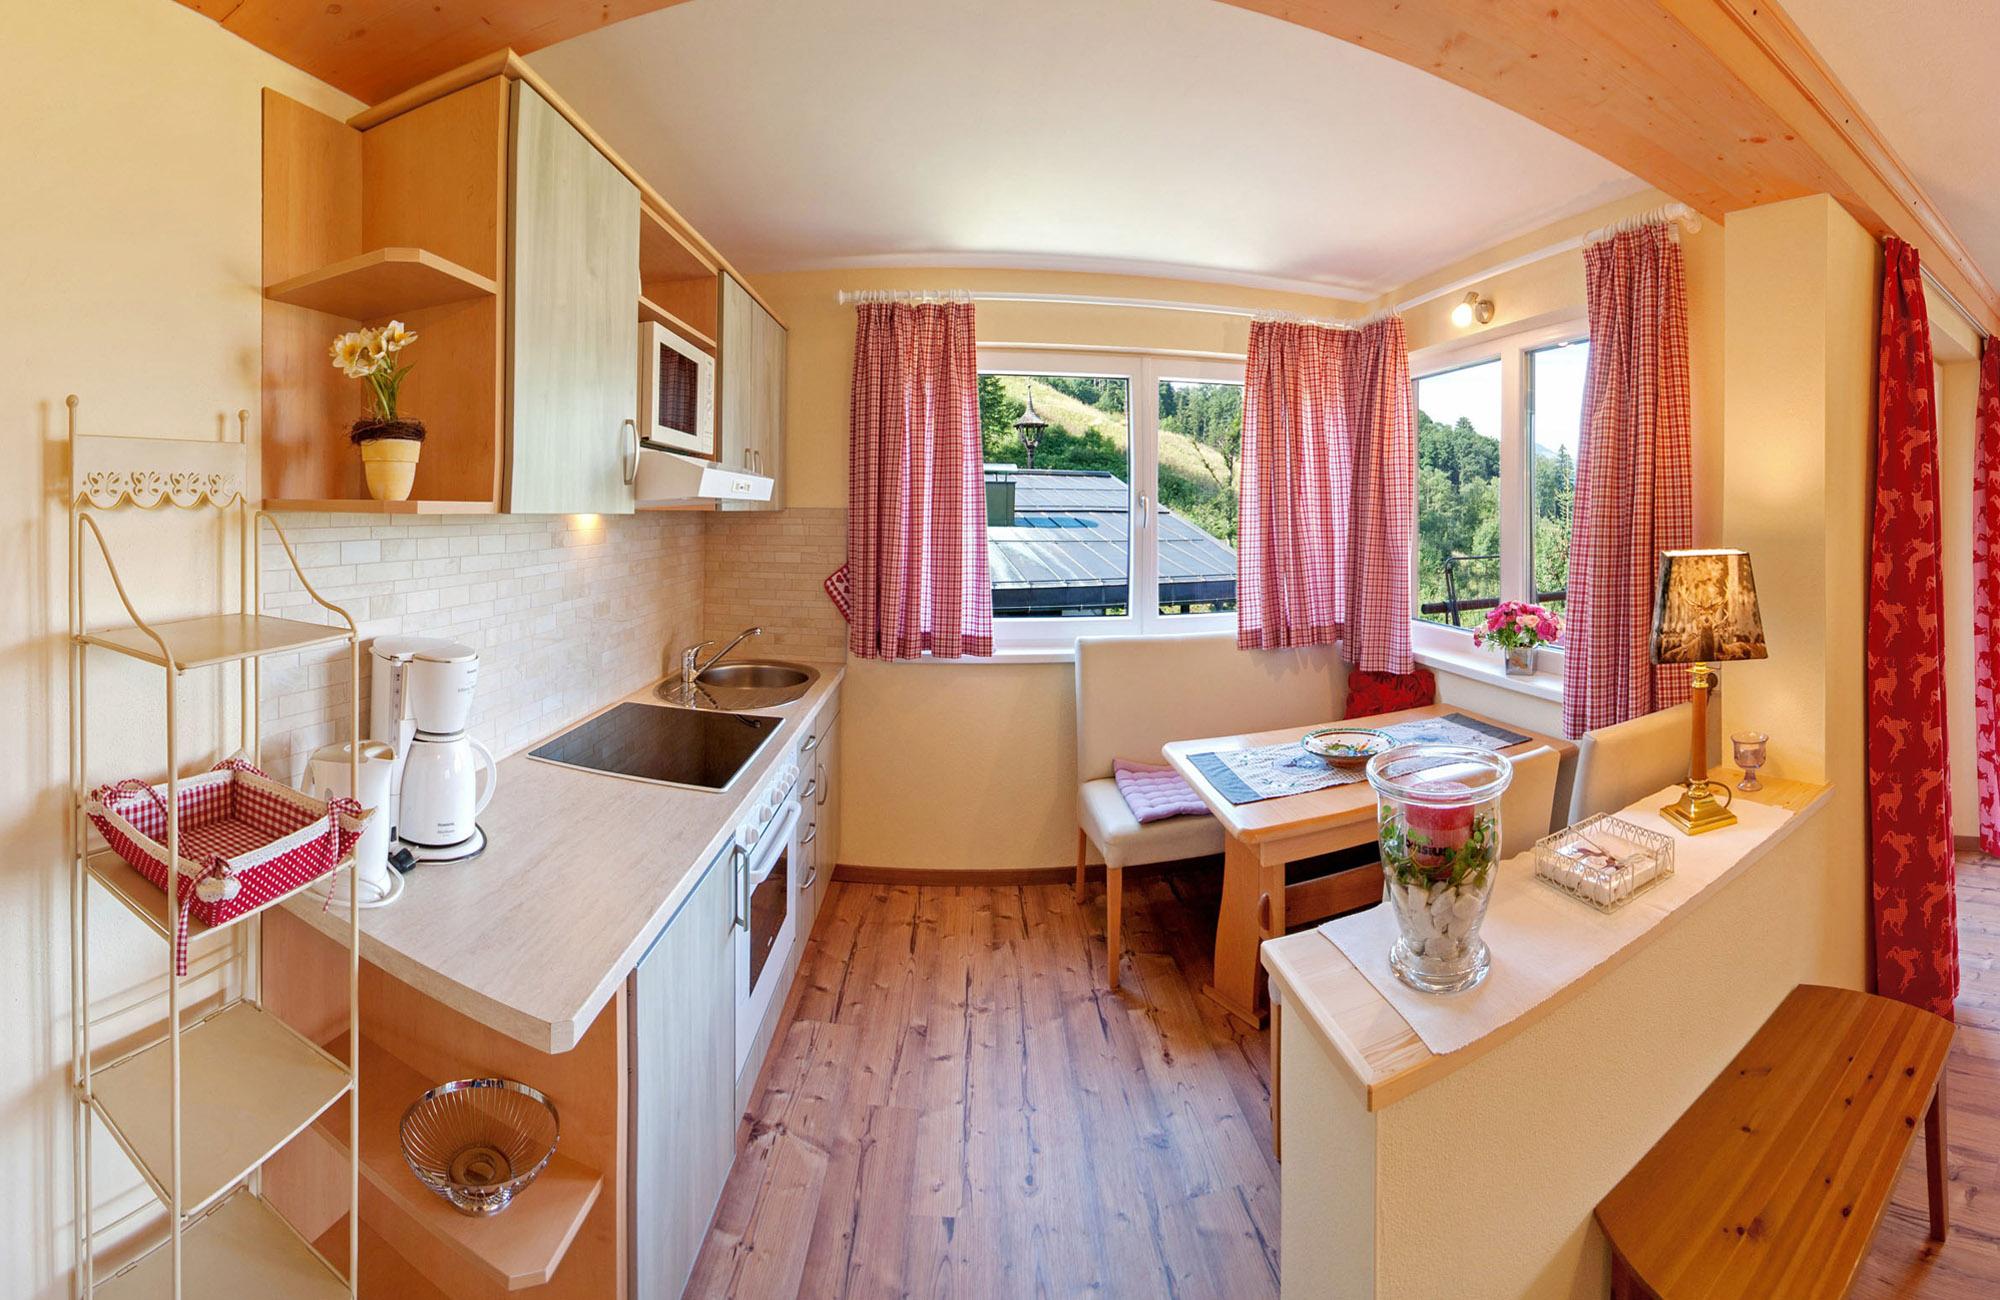 Preiswerte Ferienwohnungen in St. Johann in Tirol mit Ausblick zum Wilder Kaiser und Süd Balkon 2